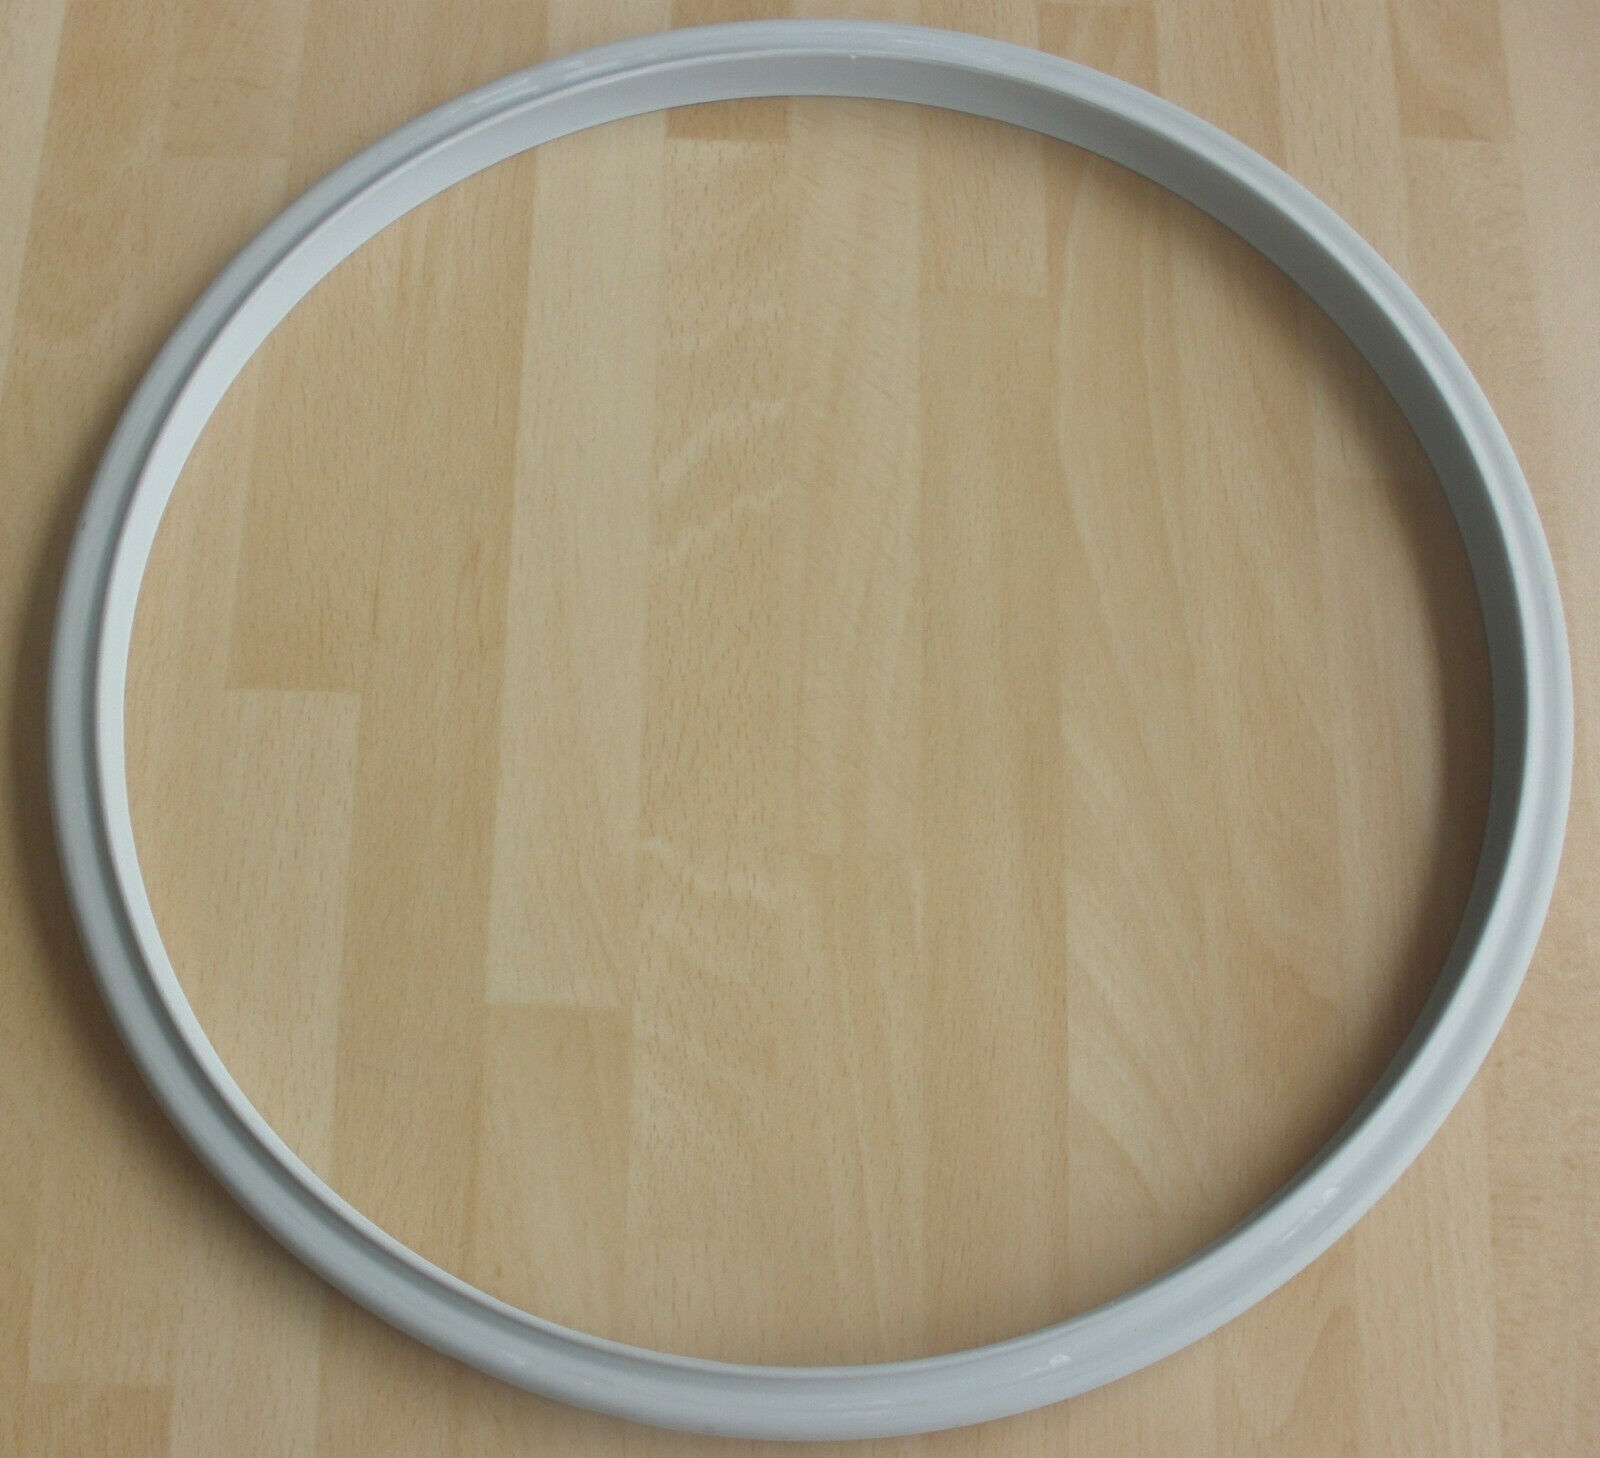 WMF 22 cm Dichtungsring für Schnellkochtopf 6068569990